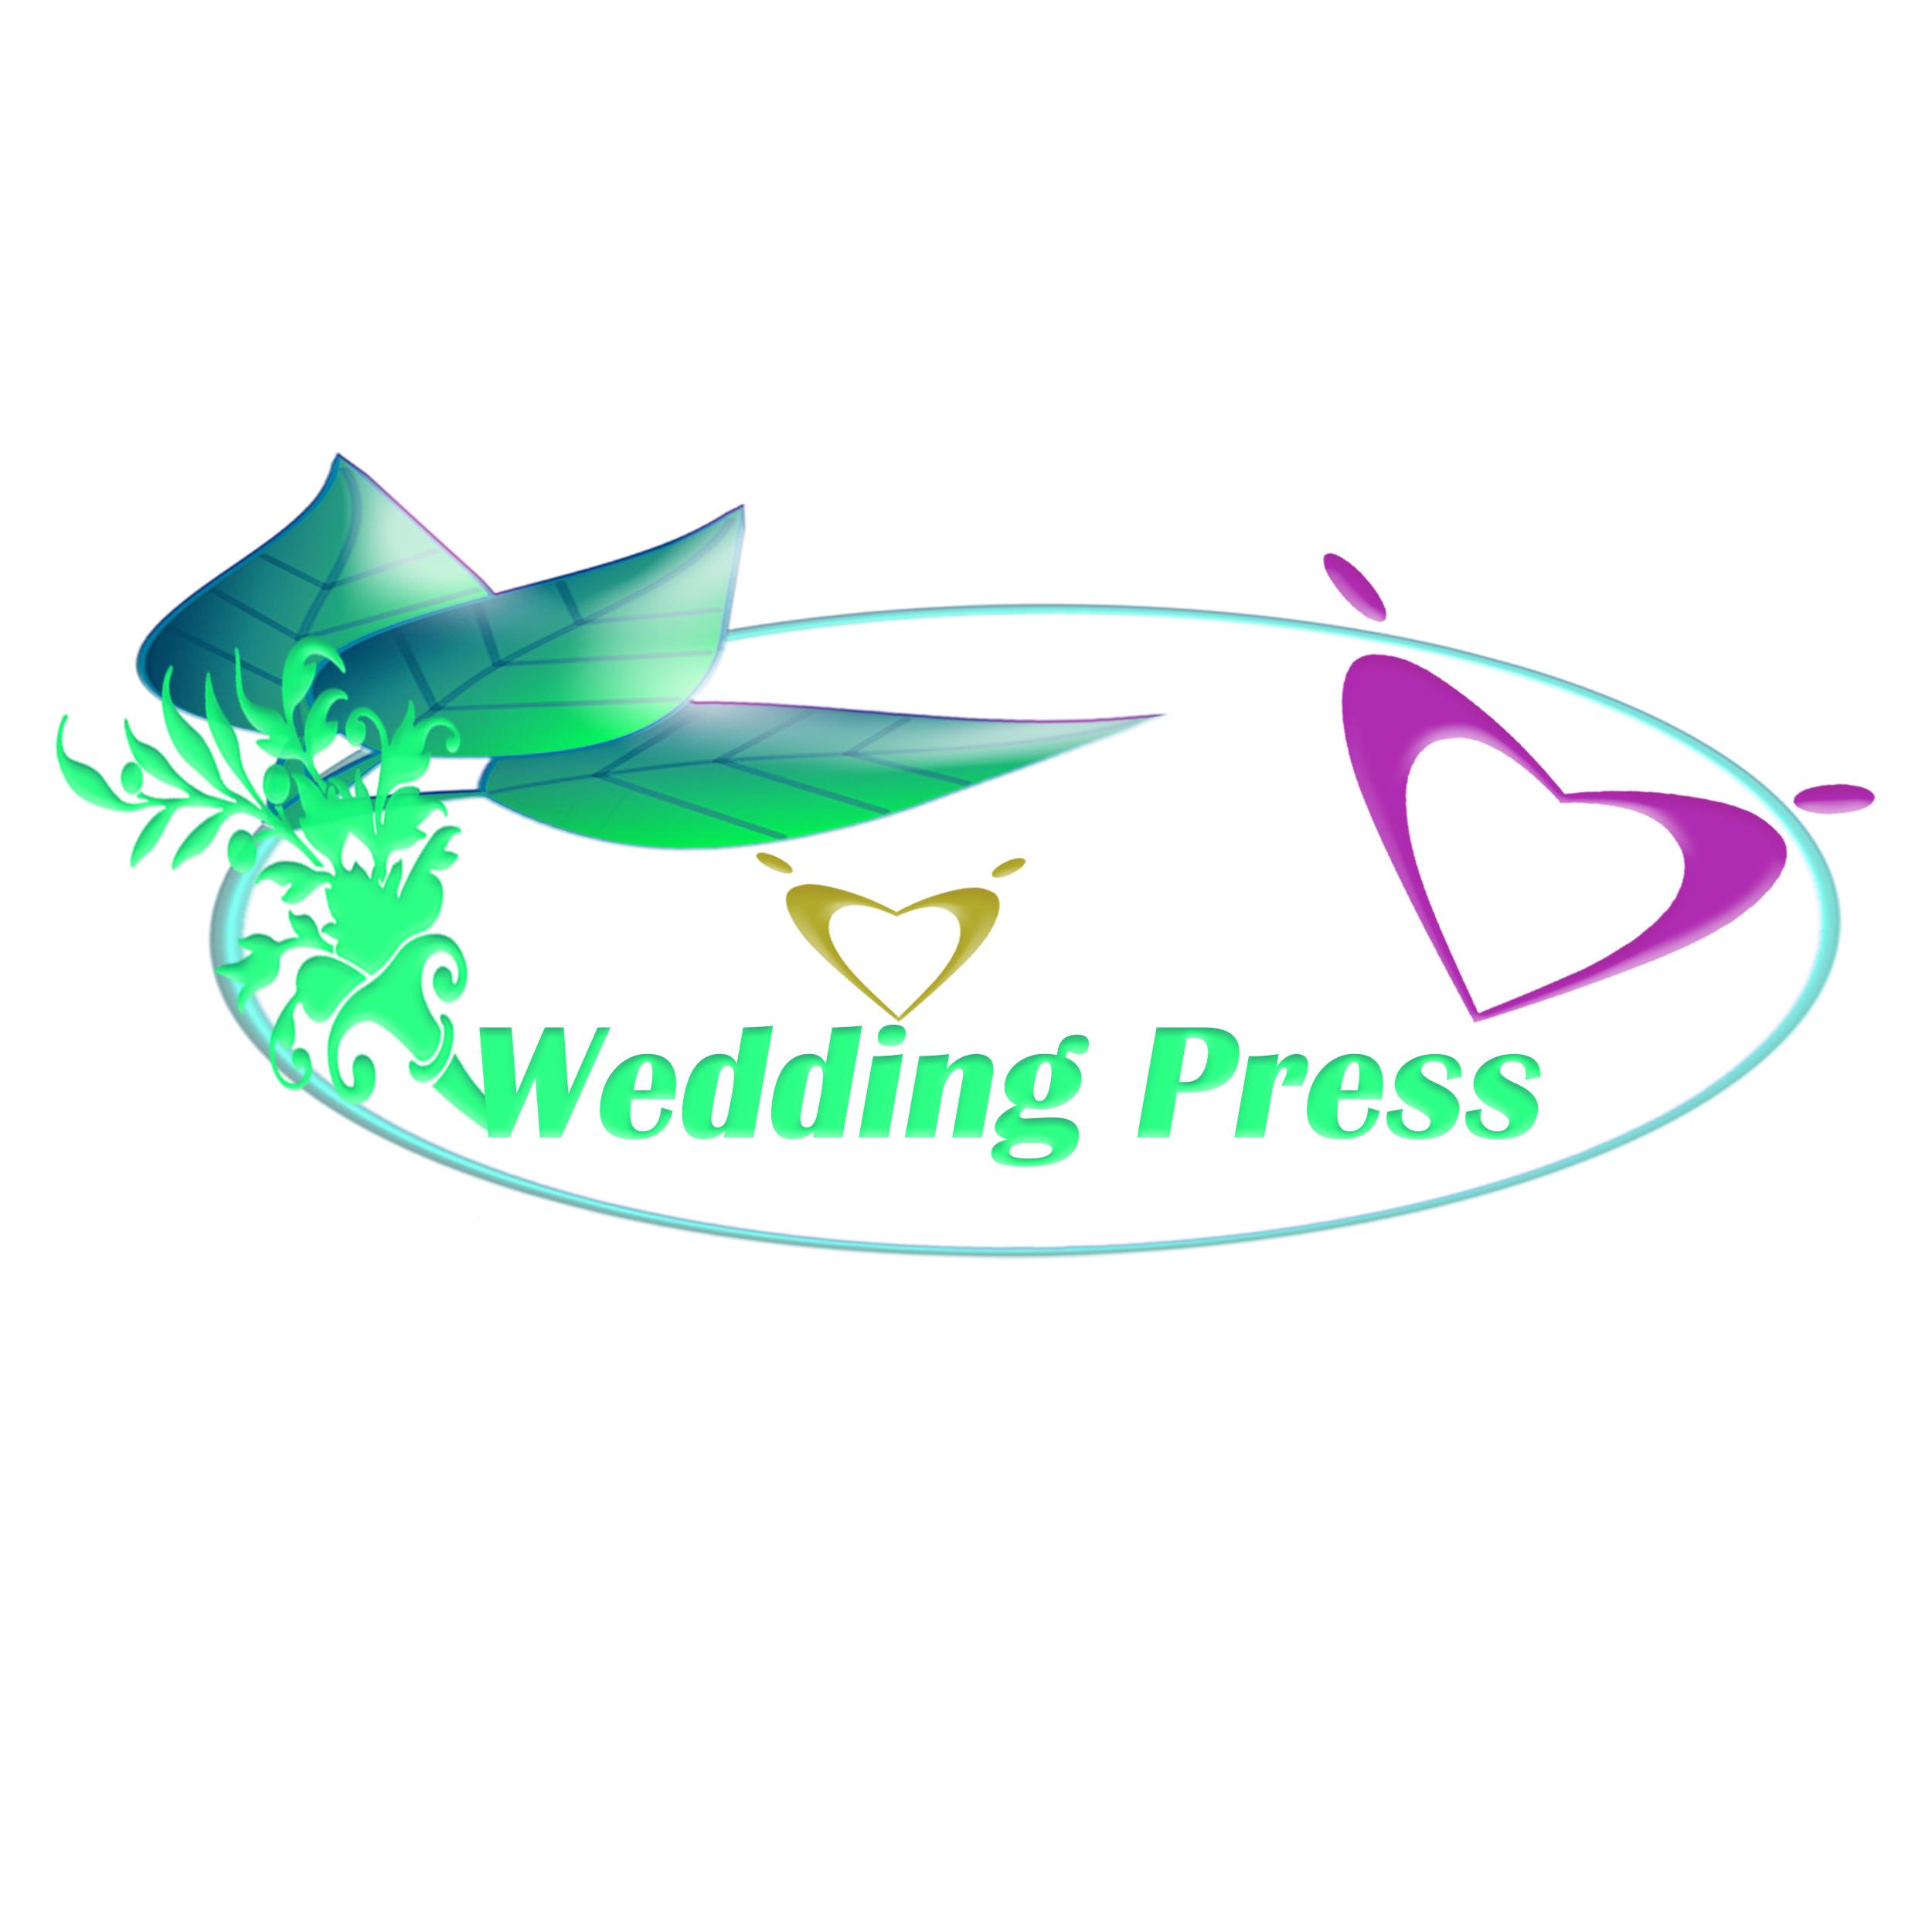 Logo Design by Roberto Sibbaluca - Entry No. 25 in the Logo Design Contest Wedding Writes Logo Design.